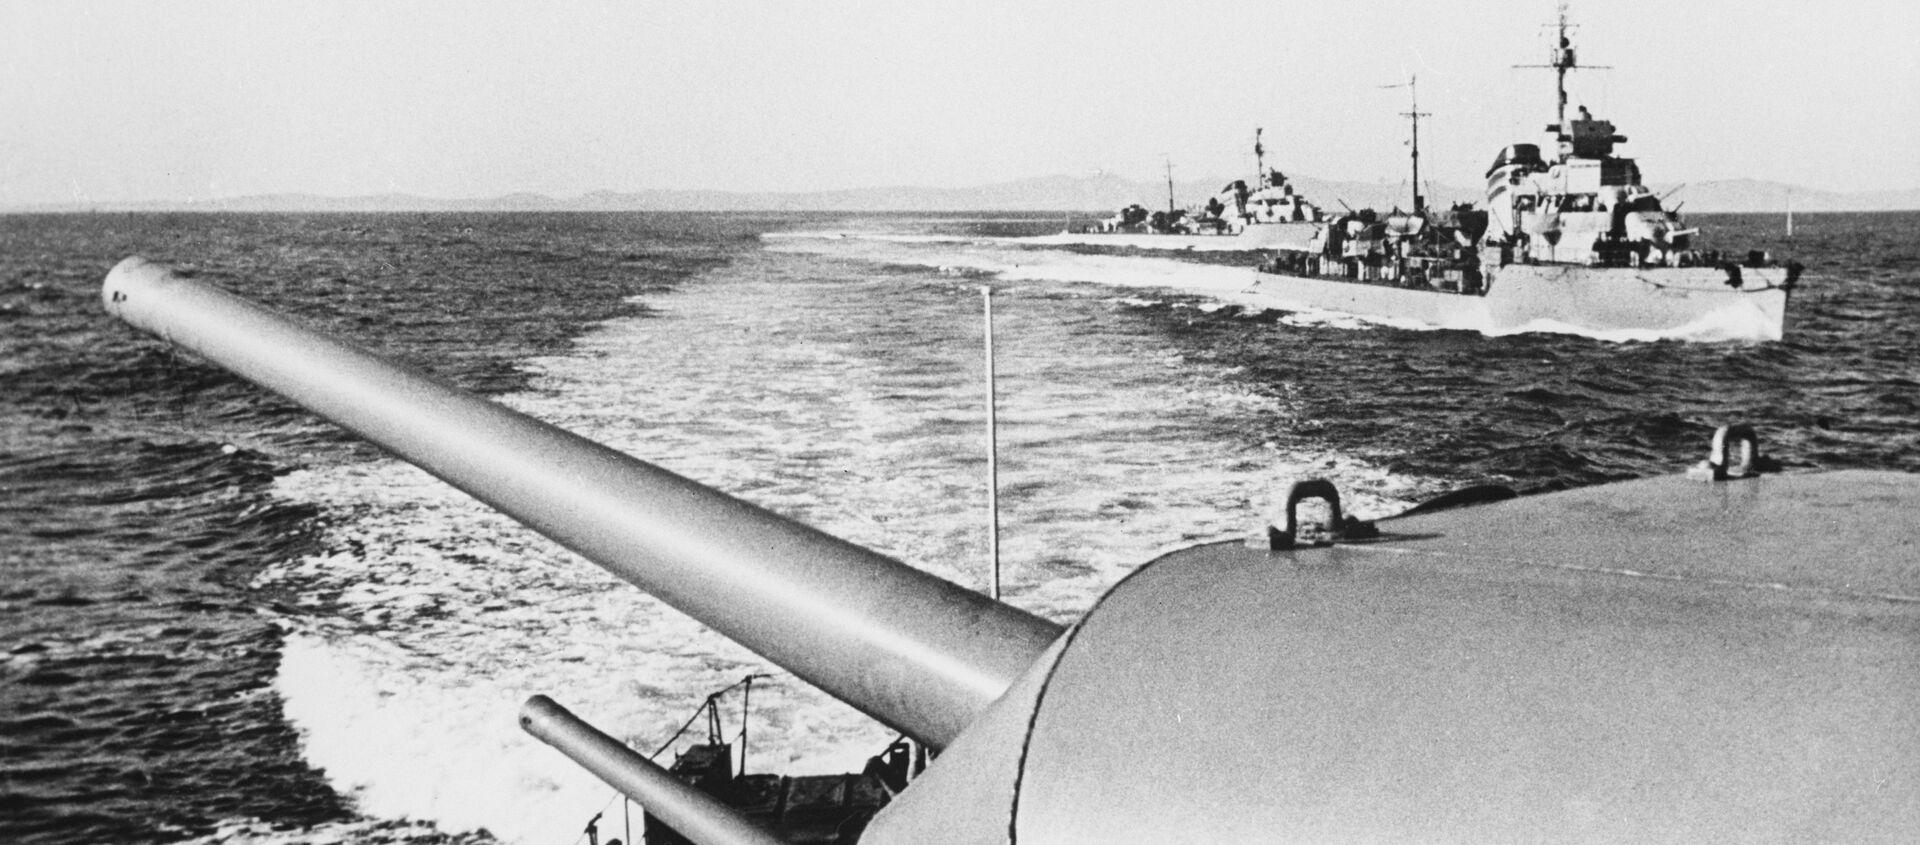 Chiến tranh Xô-Nhật (một bộ phận của Thế chiến II, chiến dịch Mãn Châu ngày 9 tháng 8 đến 2 tháng 9 năm 1945). - Sputnik Việt Nam, 1920, 09.08.2020